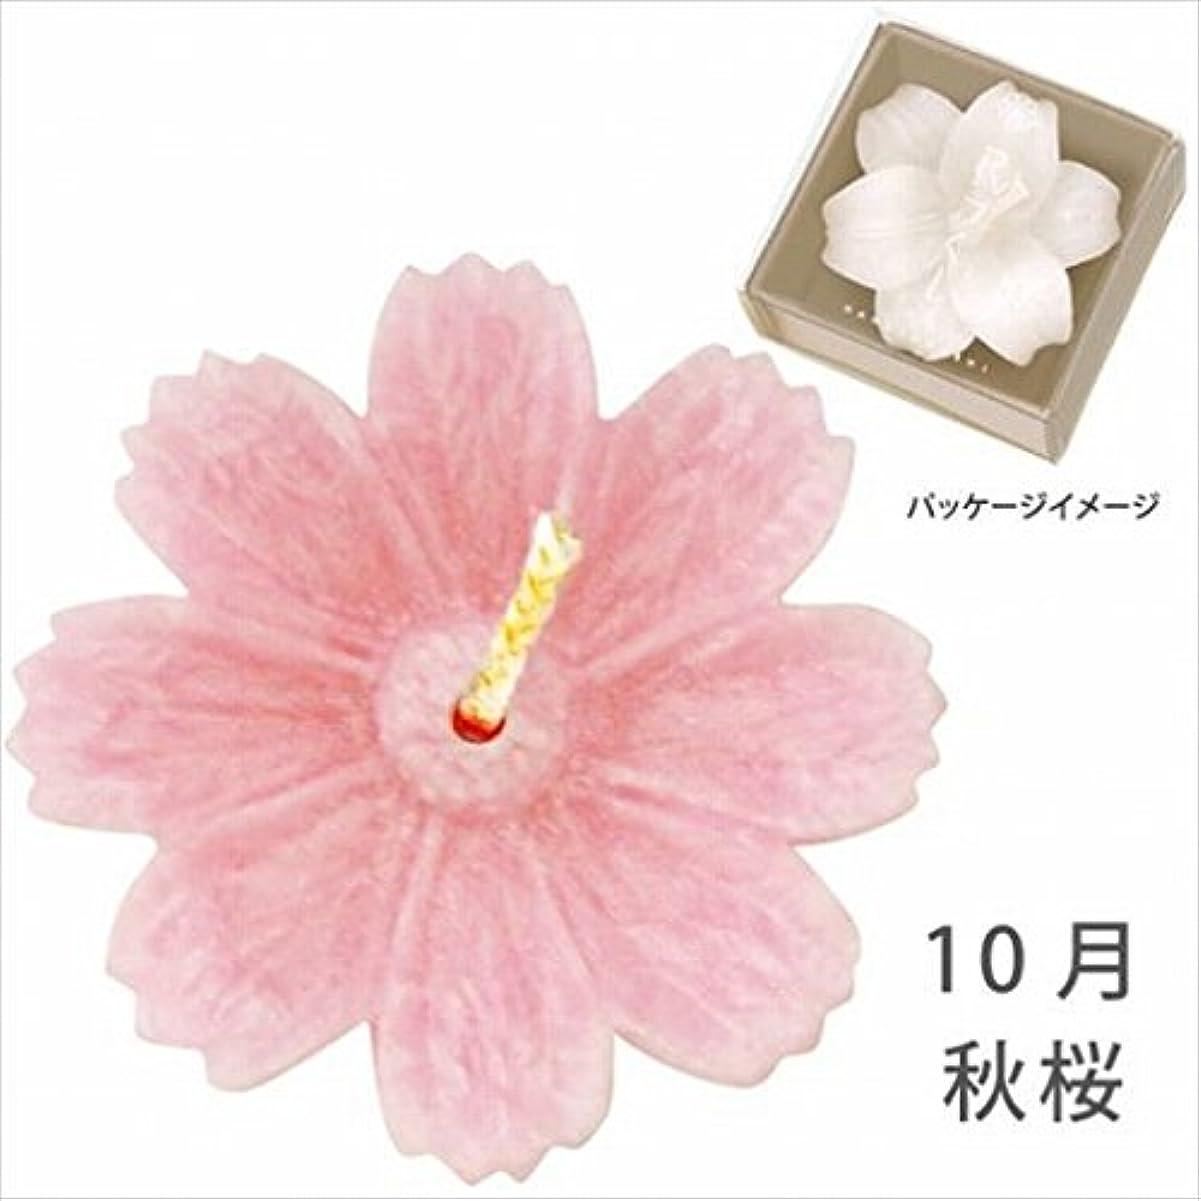 観光に行く第二不規則なカメヤマキャンドル(kameyama candle) 花づくし(植物性) 秋桜 「 秋桜(10月) 」 キャンドル